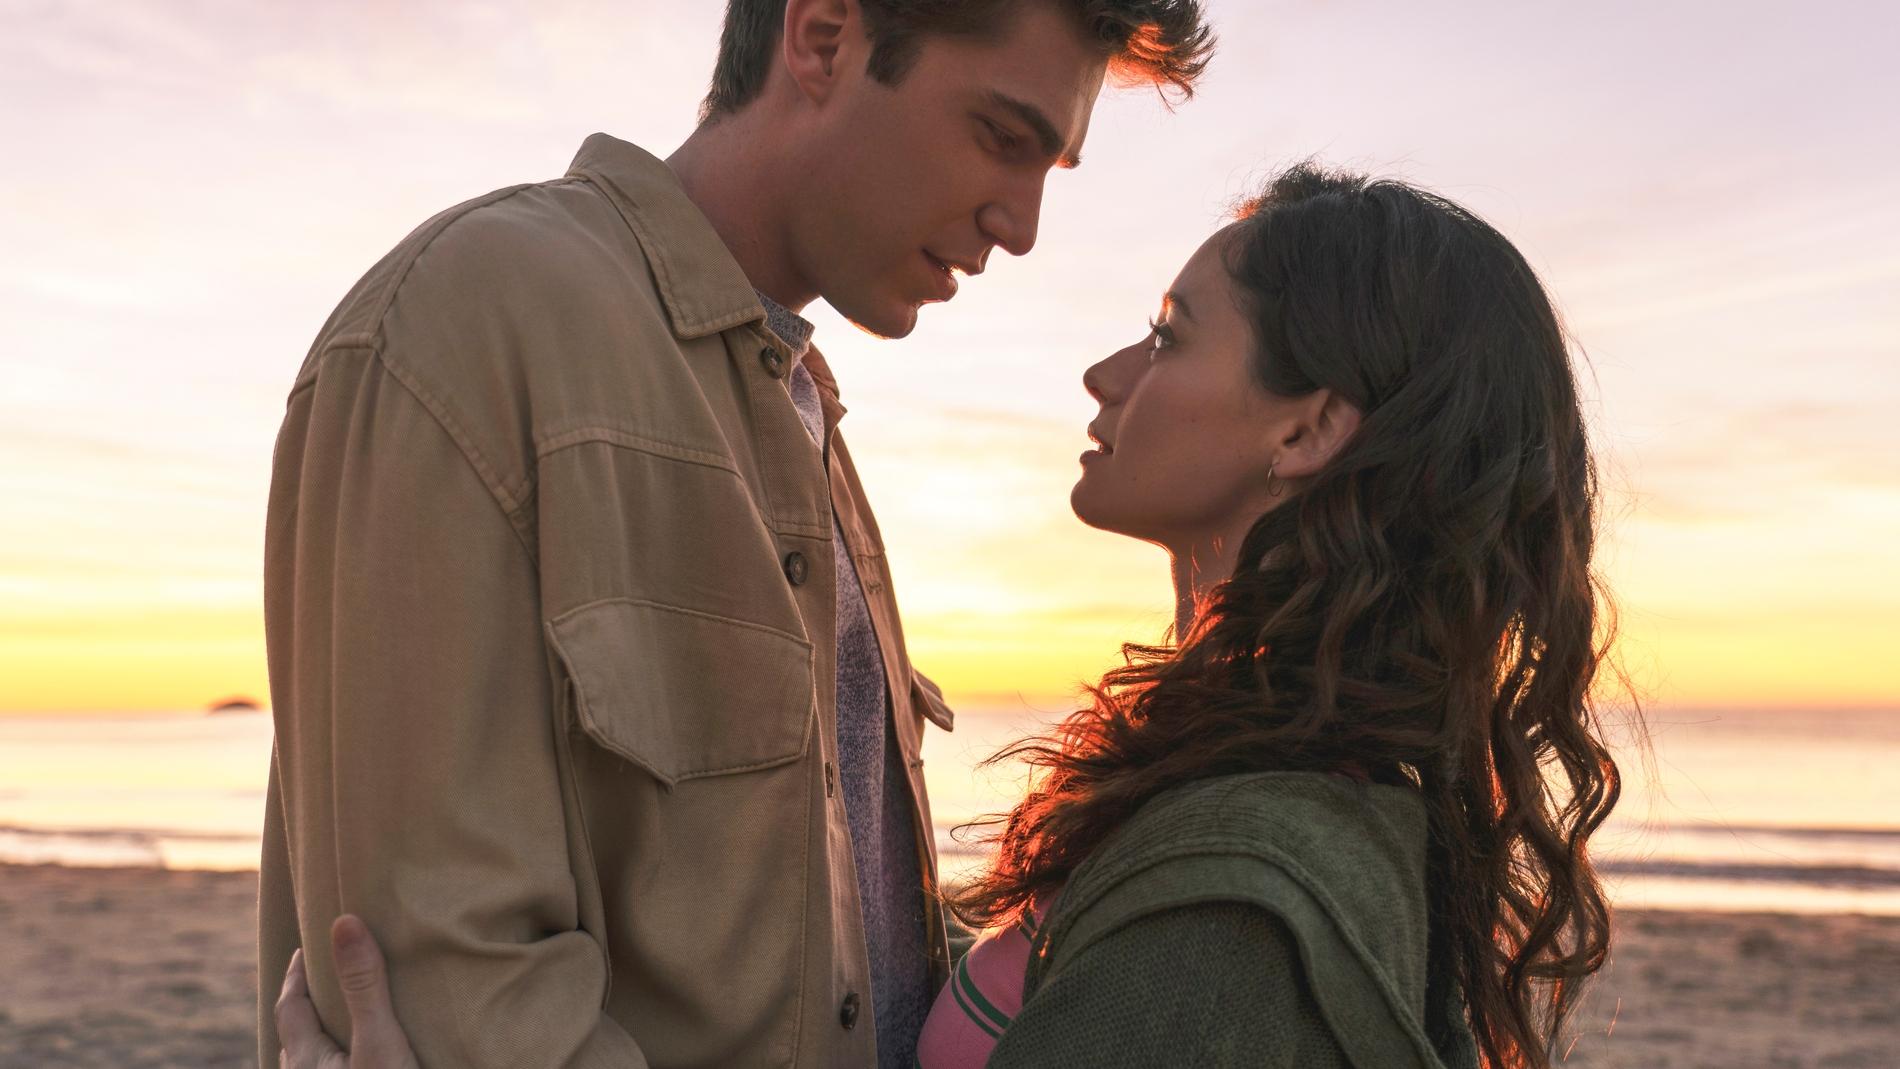 """Alba y Bruno, juntos: """"Tengo miedo, pero no podemos dejar que nos paralice"""""""